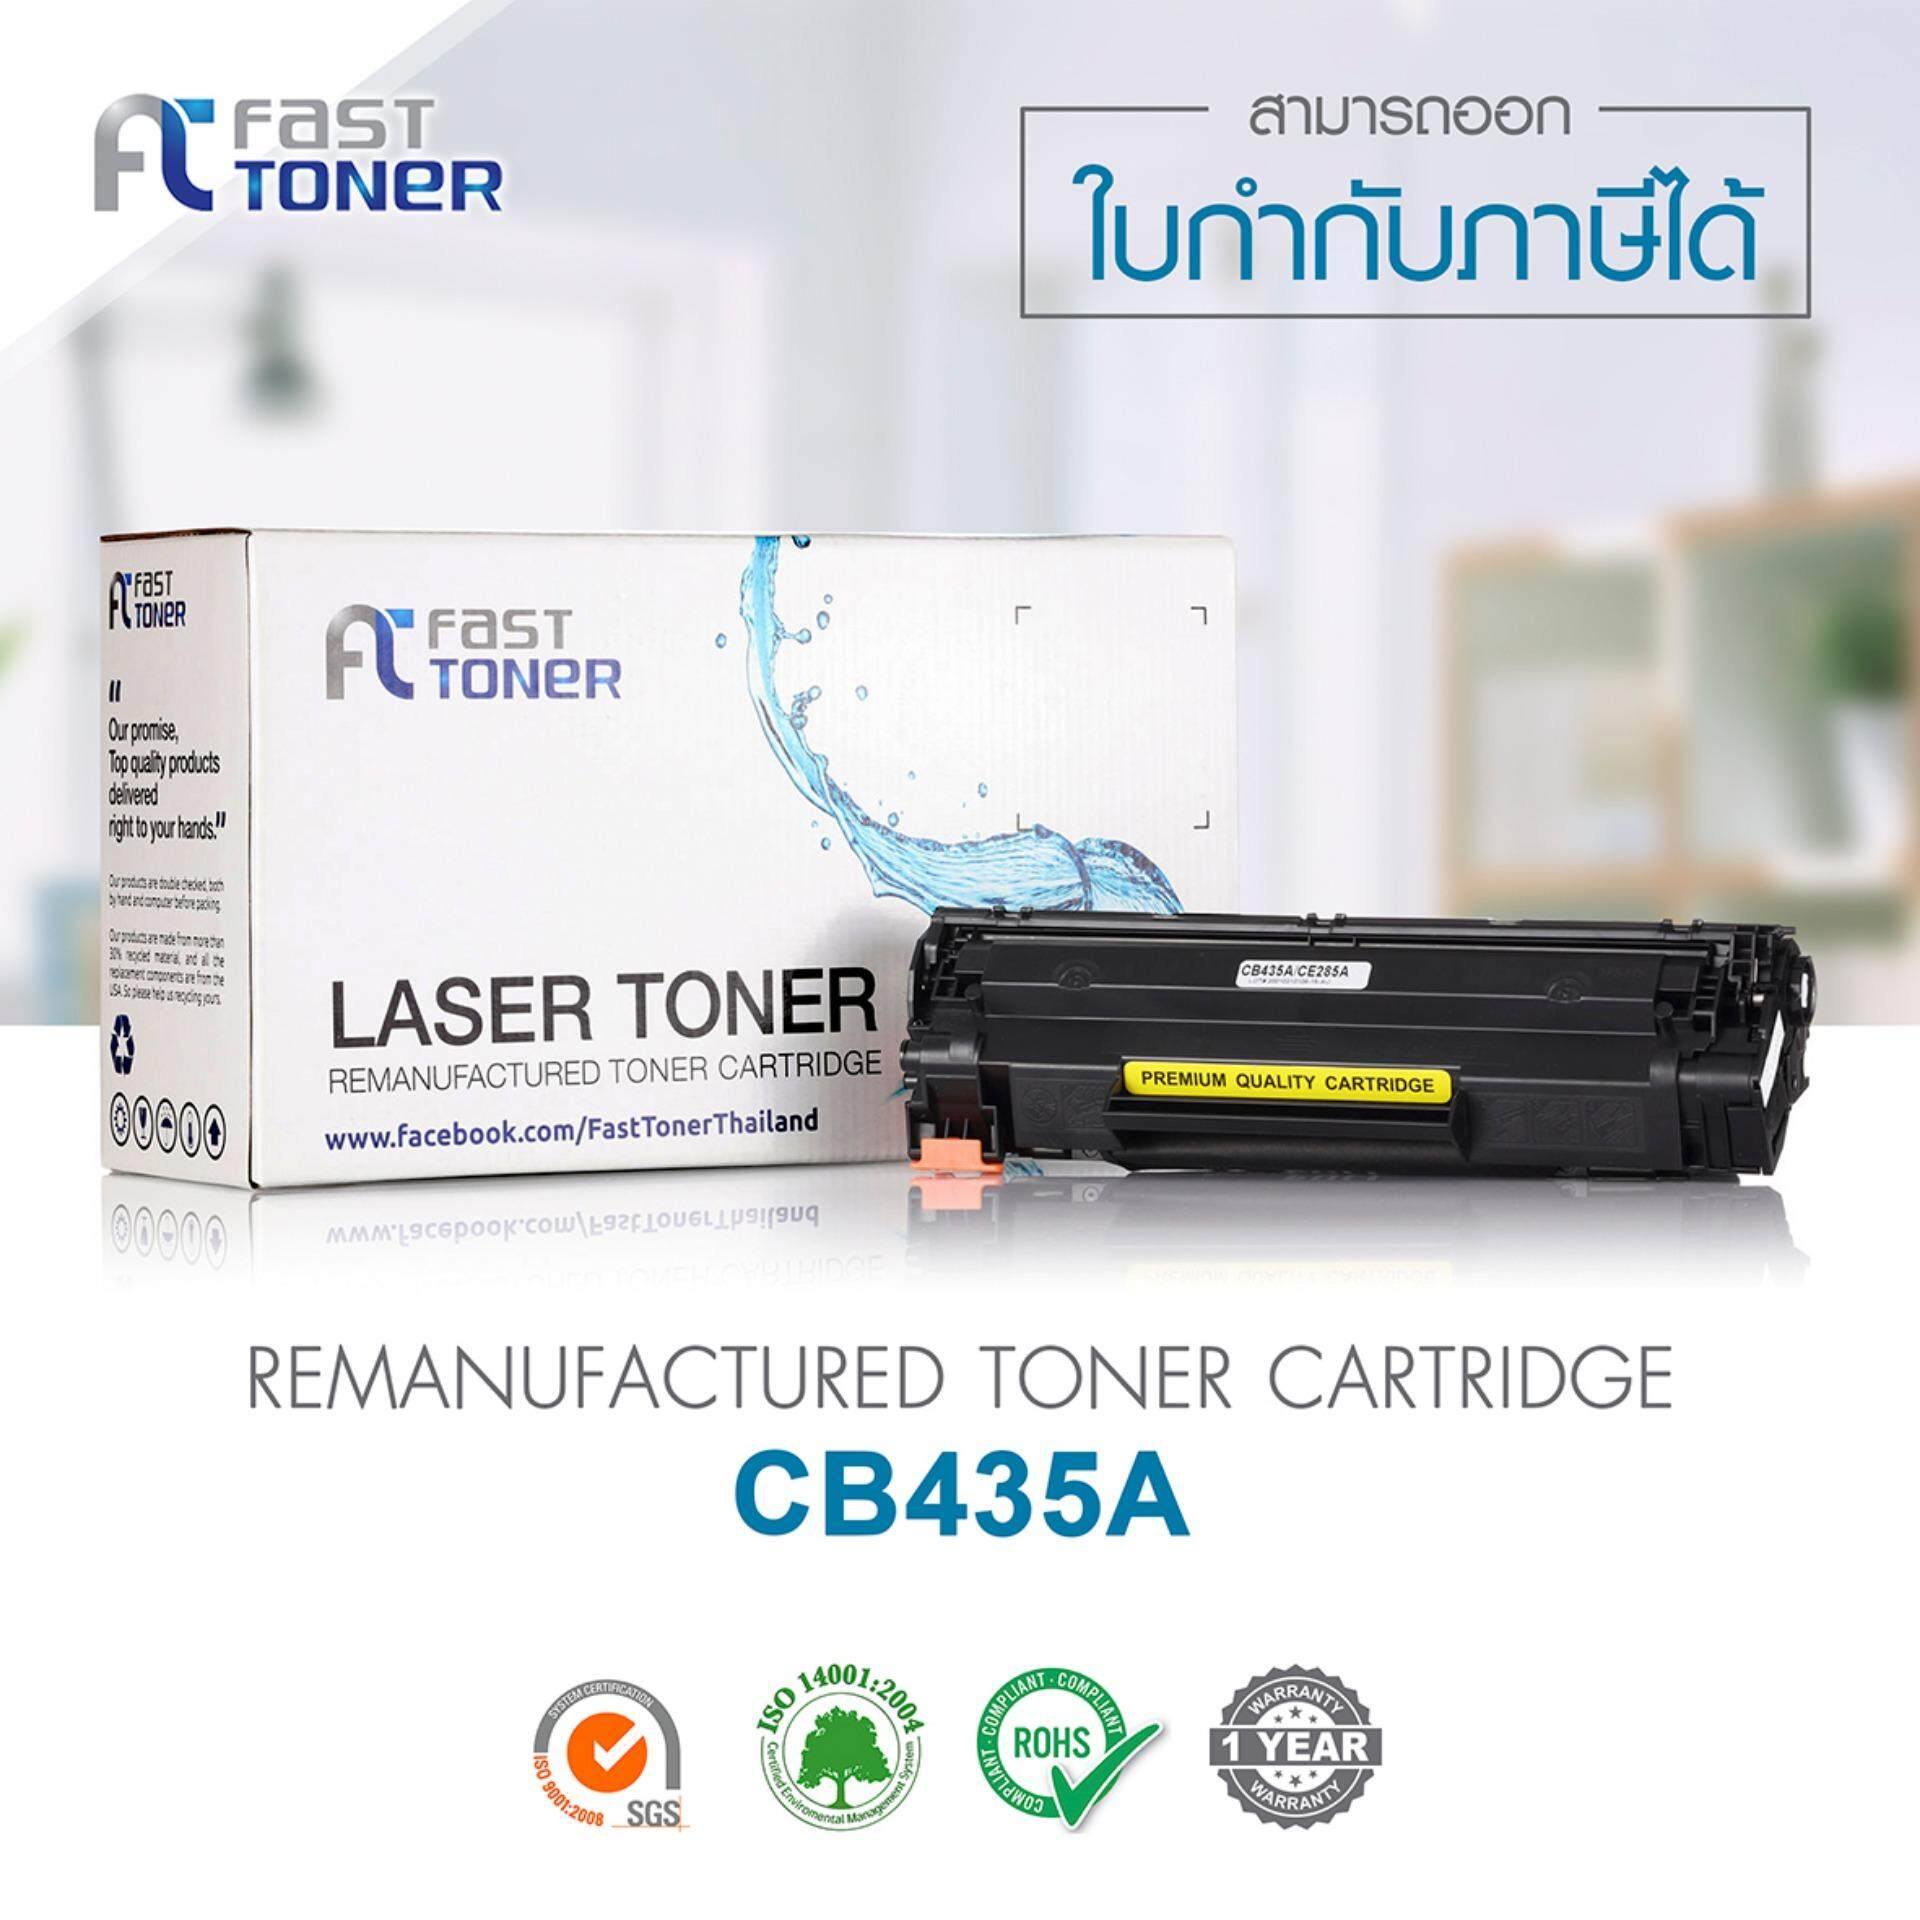 Fast Toner ตลับหมึกเทียบเท่า Hp Cb435A 35A Bk ใน กรุงเทพมหานคร